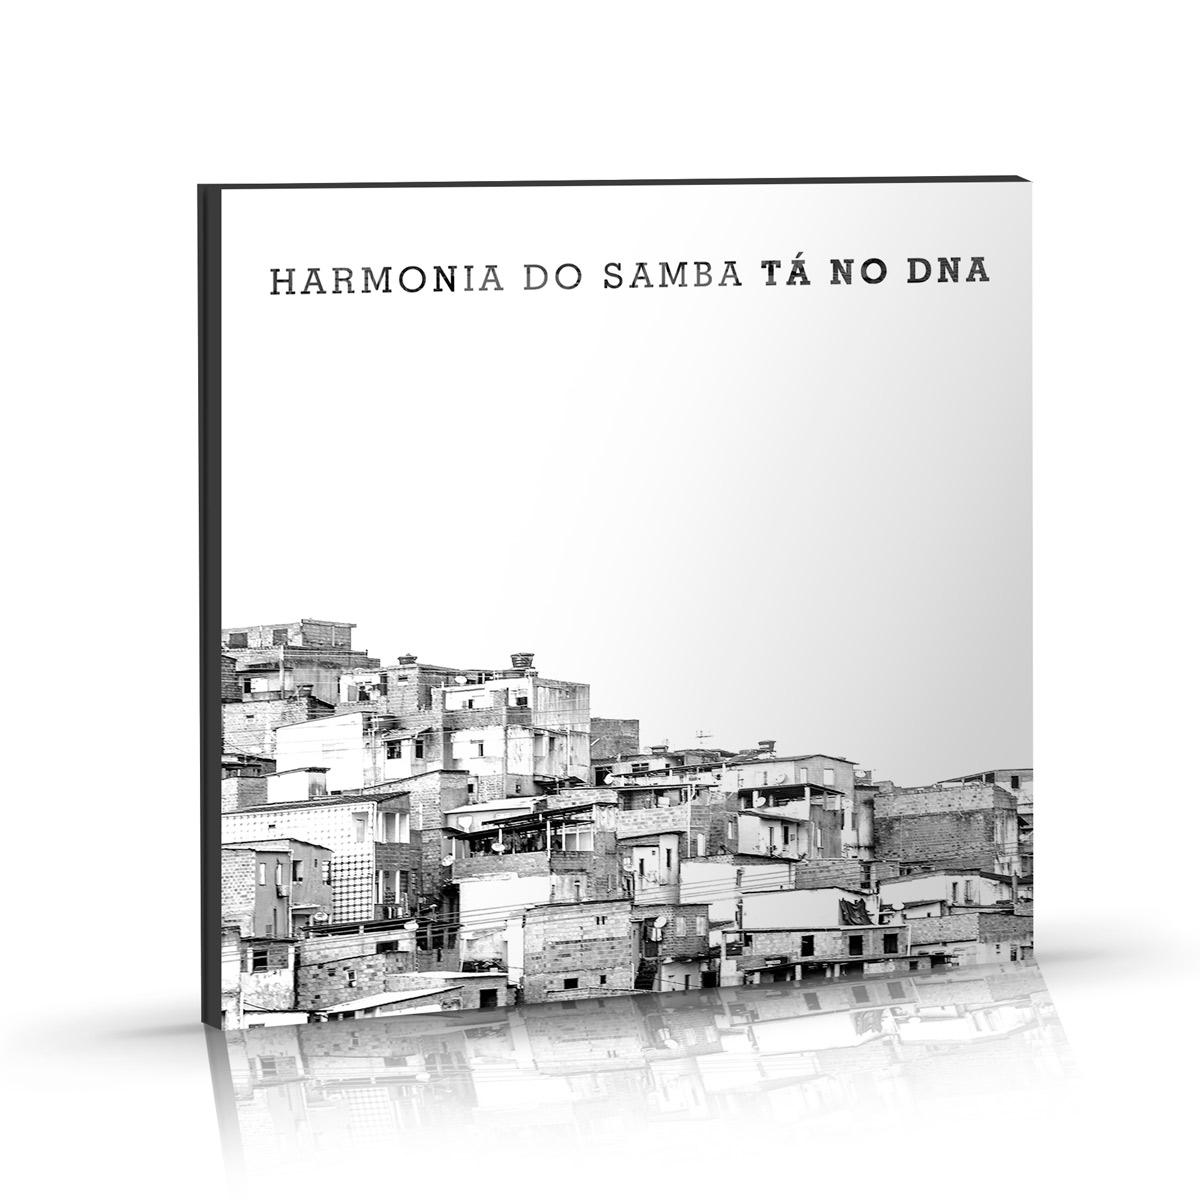 CD Harmonia do Samba Tá no DNA